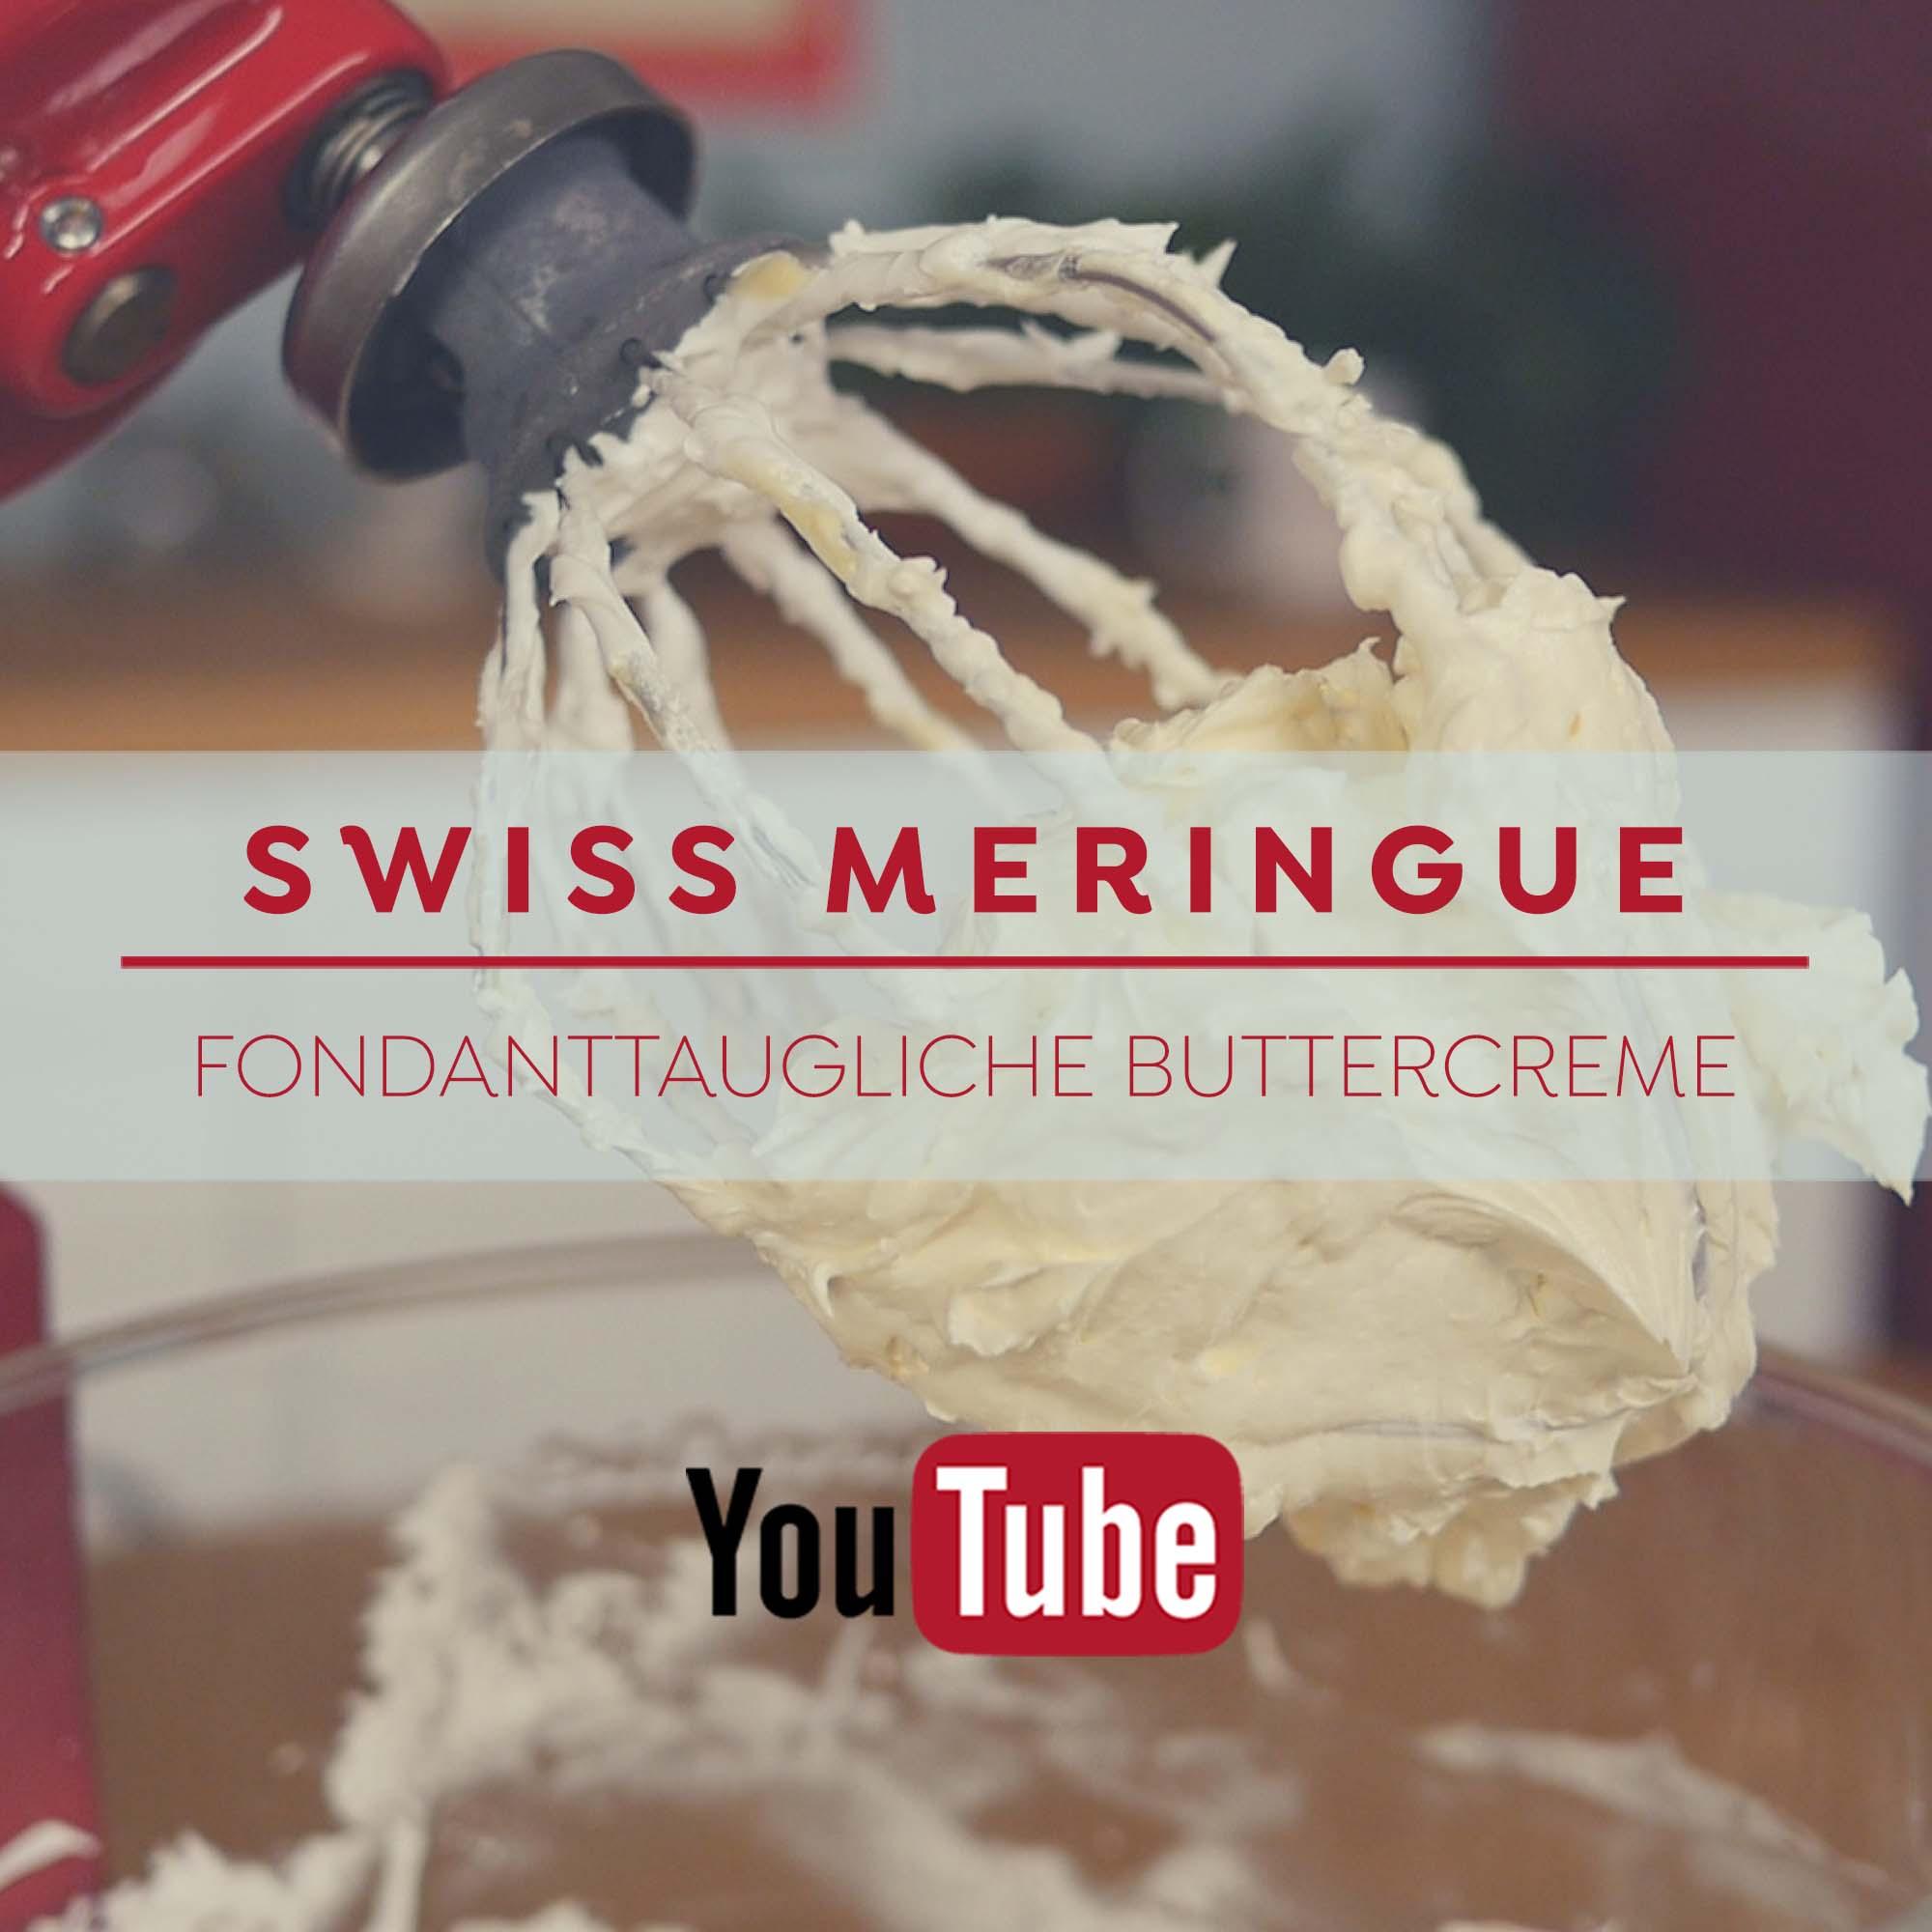 Swiss Meringue Fondanttaugliche Buttercreme Betty S Sugar Dreams